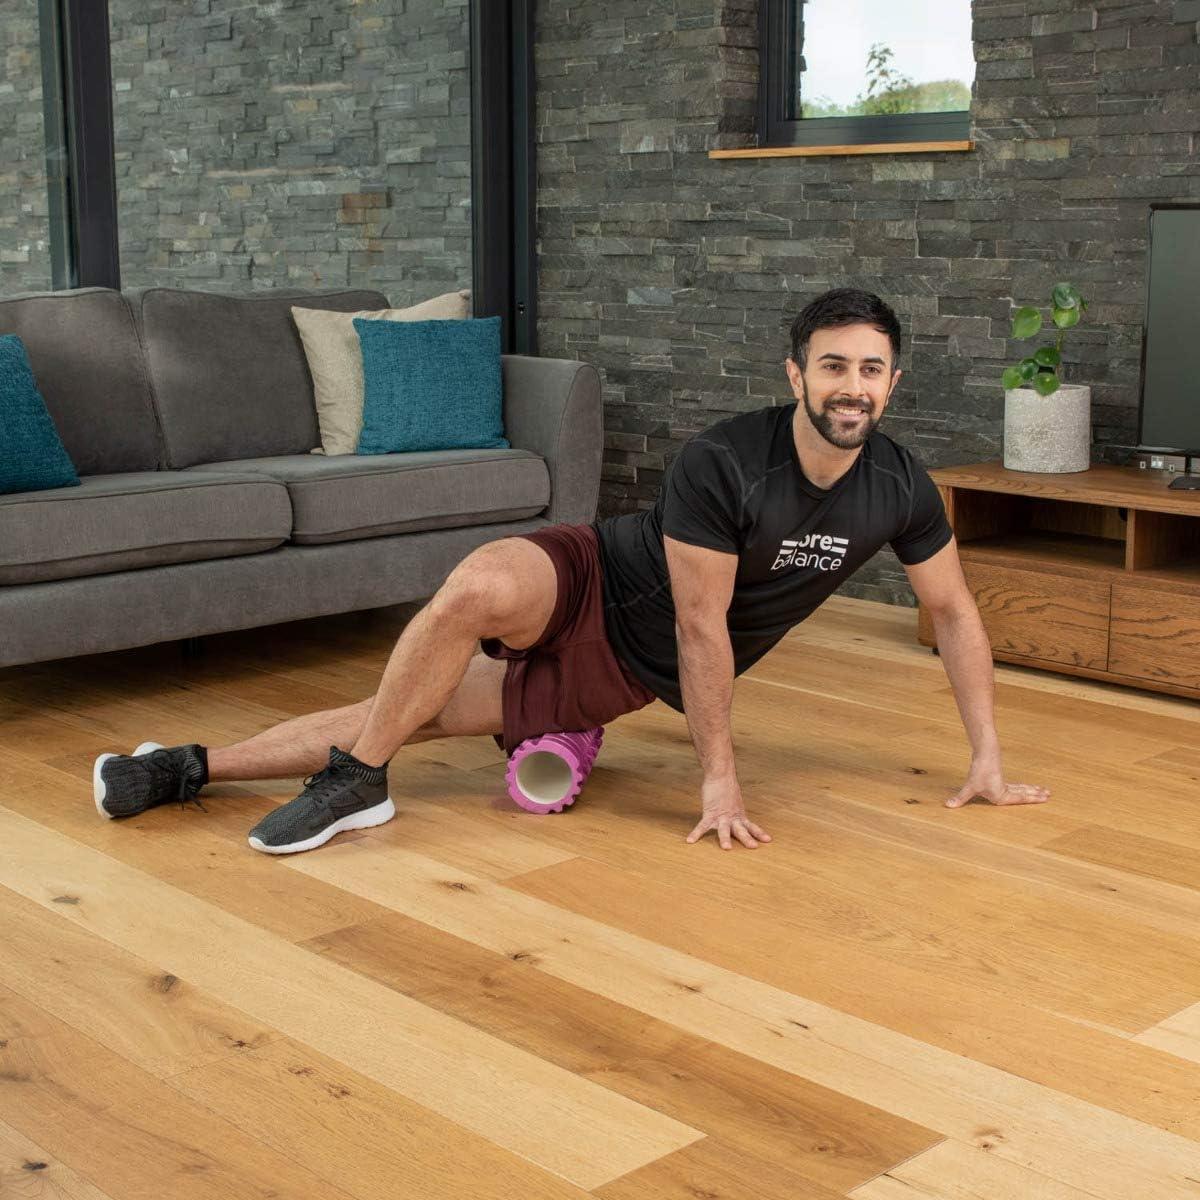 CORE BALANCE Faszienrolle f/ür Selbstmassage v.a Fitness u Lightweight Blackroll aus Schaumstoff ideal f Physio der tiefliegenden Muskelpartien verklebte Faszien wirkt auf verspannte Muskeln u